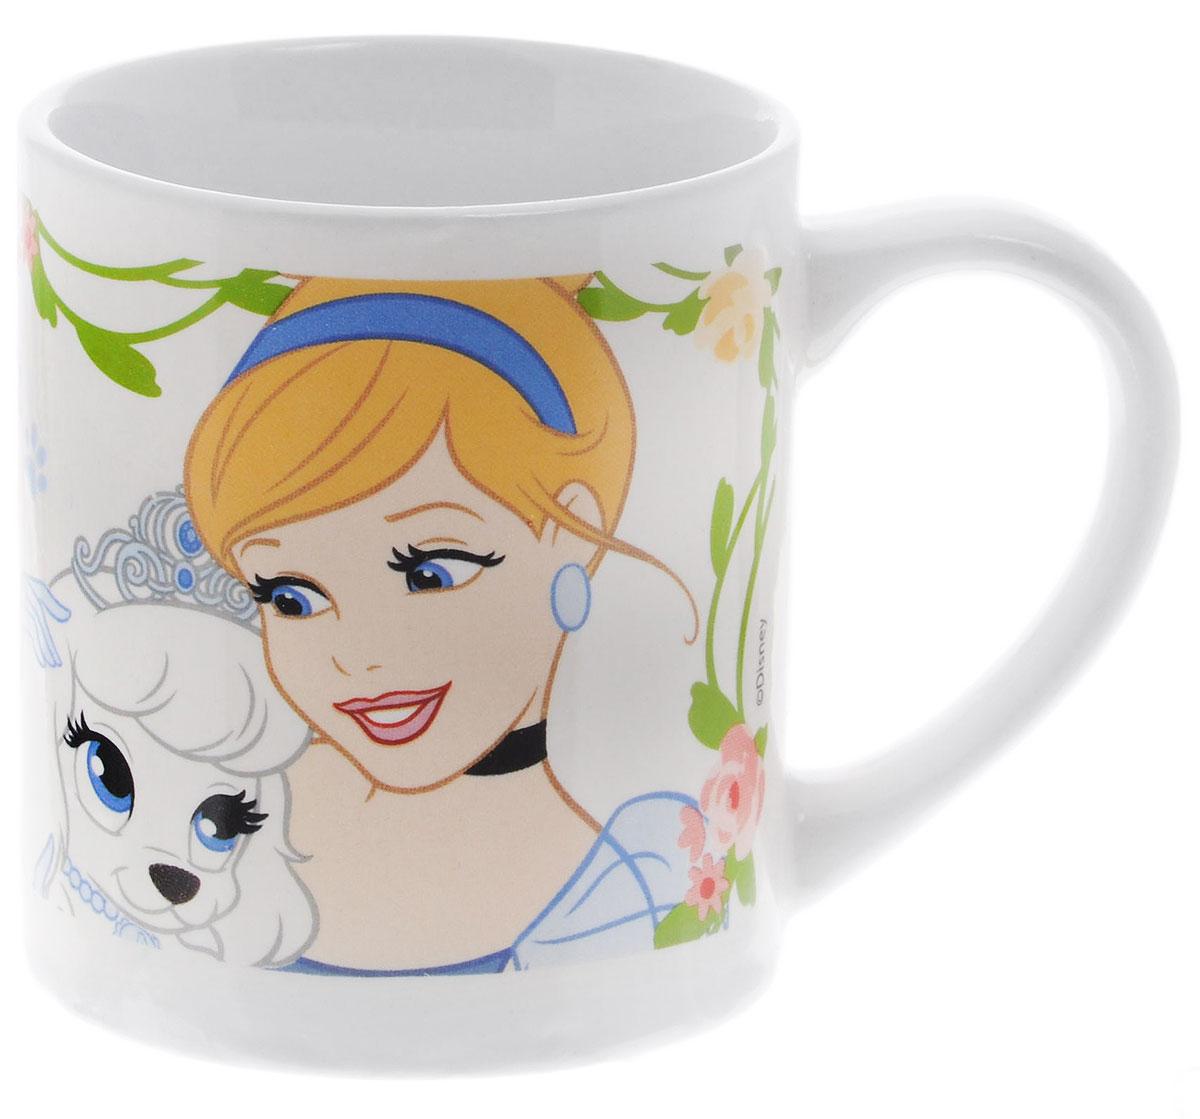 Stor Кружка детская Принцессы и их питомцы 220 мл 7291672916Детская кружка Stor Принцессы и их питомцы с любимыми героями мультфильмов станет отличным подарком для вашей малышки. Она выполнена из керамики и оформлена изображением диснеевских принцесс с их питомцами. Кружка дополнена удобной ручкой. Такой подарок станет не только приятным, но и практичным сувениром: кружка будет незаменимым атрибутом чаепития, а ее оригинальное оформление добавит ярких эмоций и хорошего настроения.